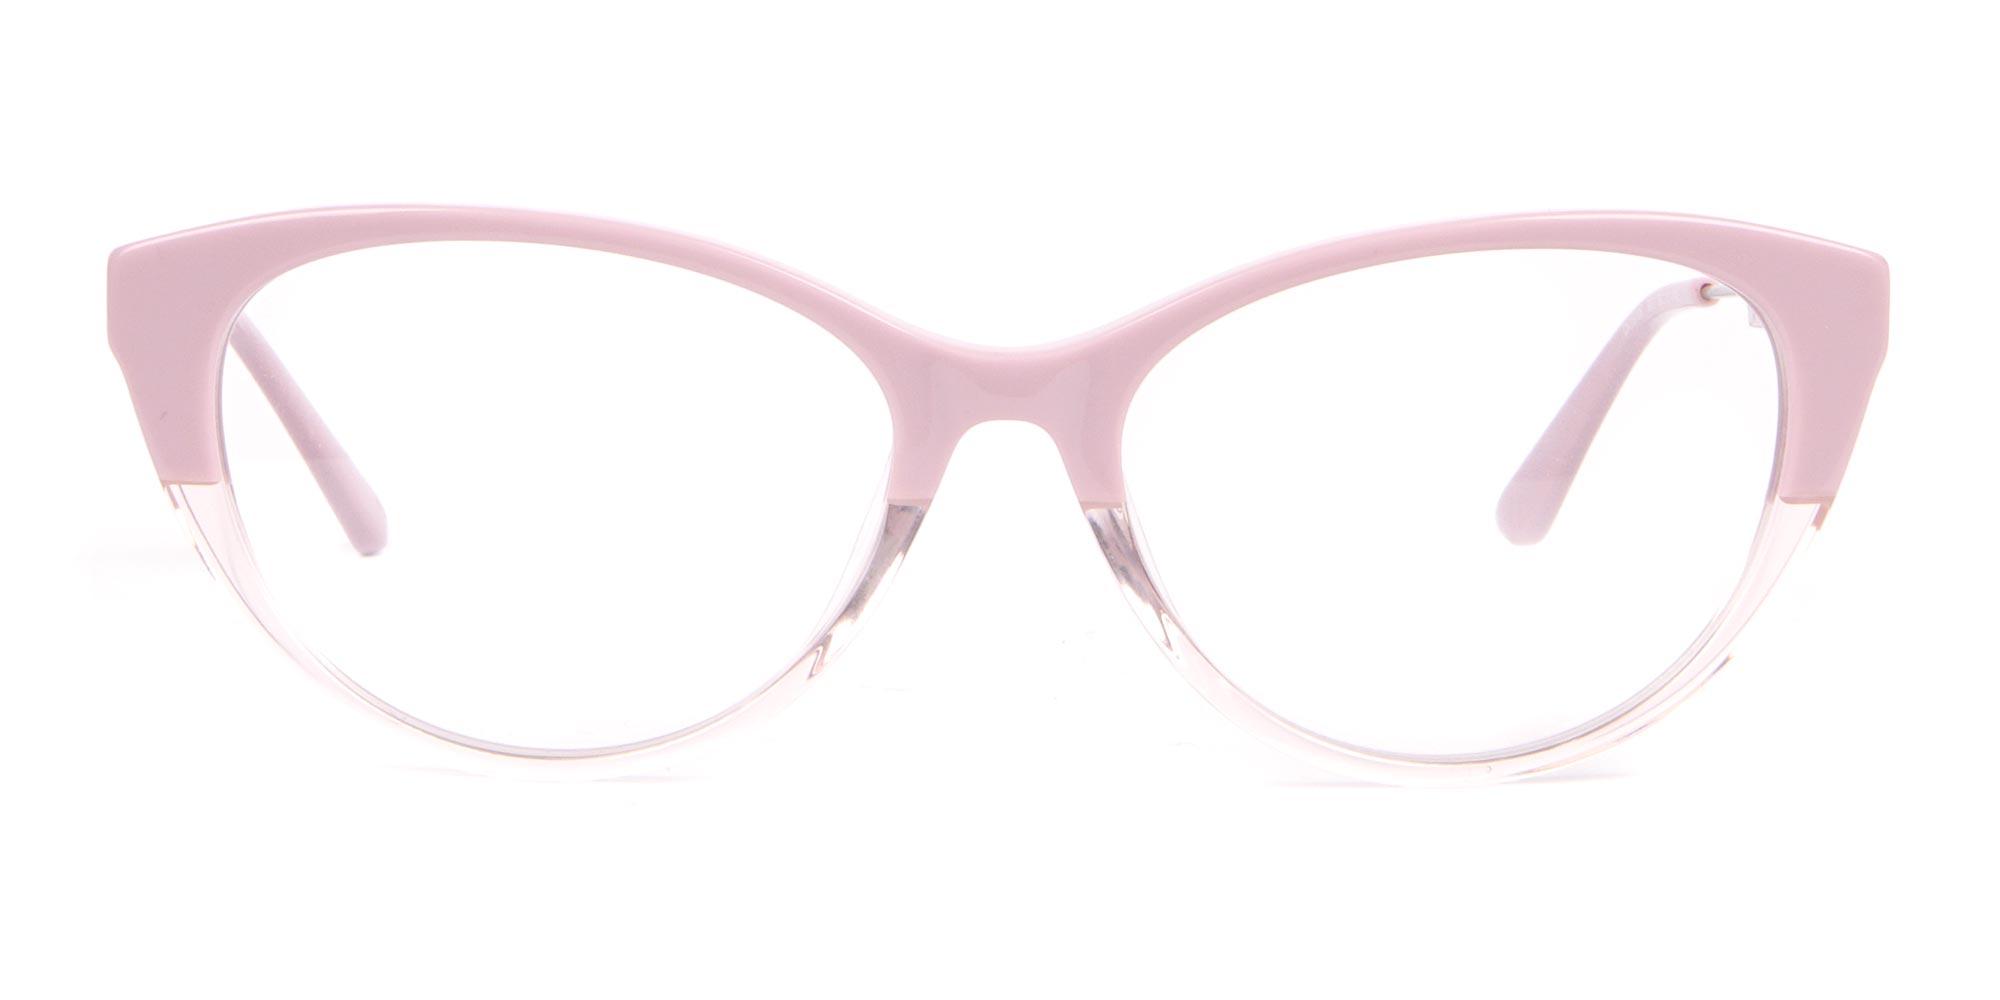 Calvin Klein Crystal Blush Pink Cat-Eye Glasses